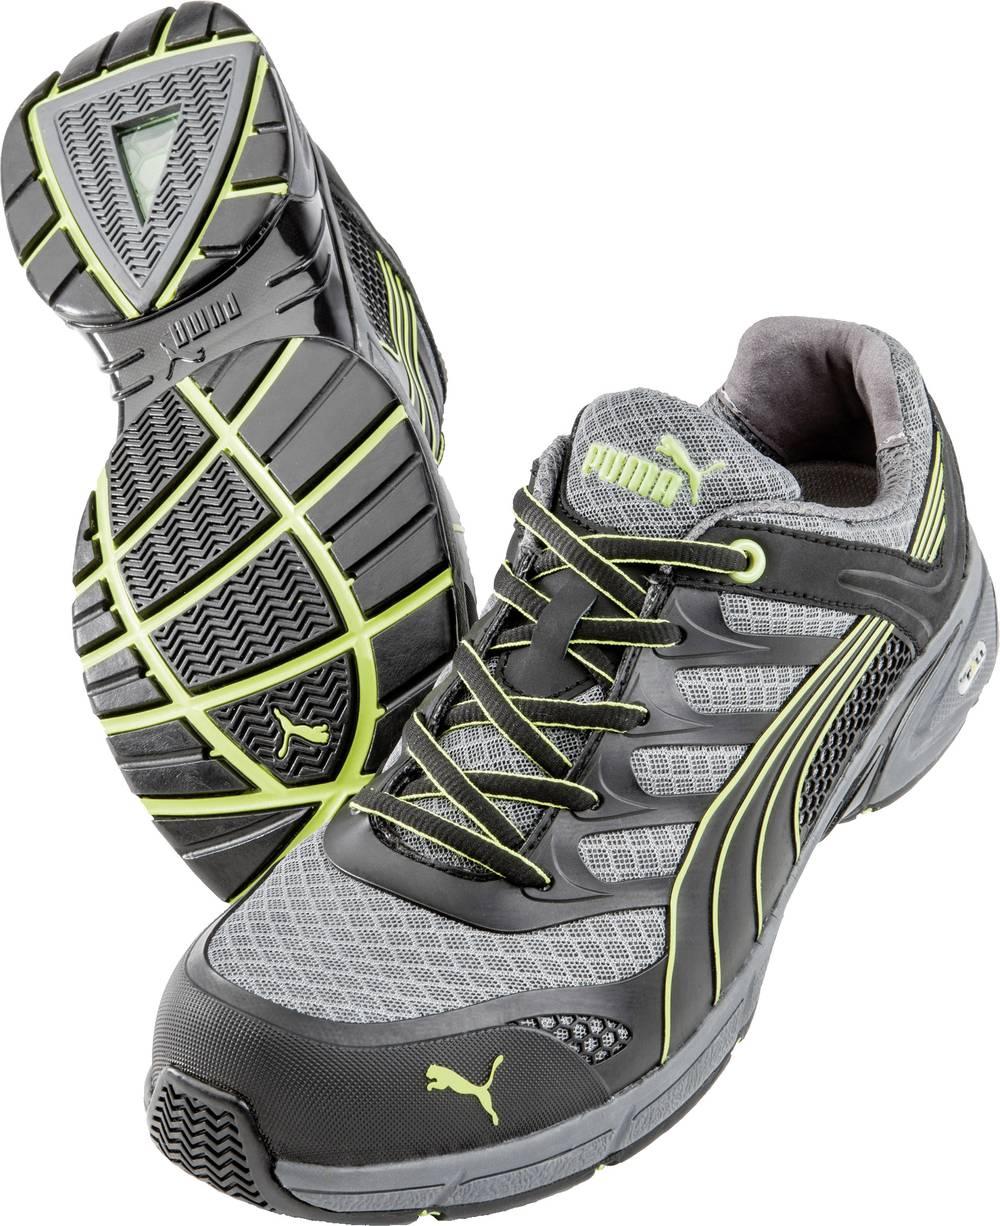 PUMA Safety 642520 Varovalni nizki čevlji Fuse Motion Green Men Low HRO SRA, velikost=39 črni, sivi, rumeni